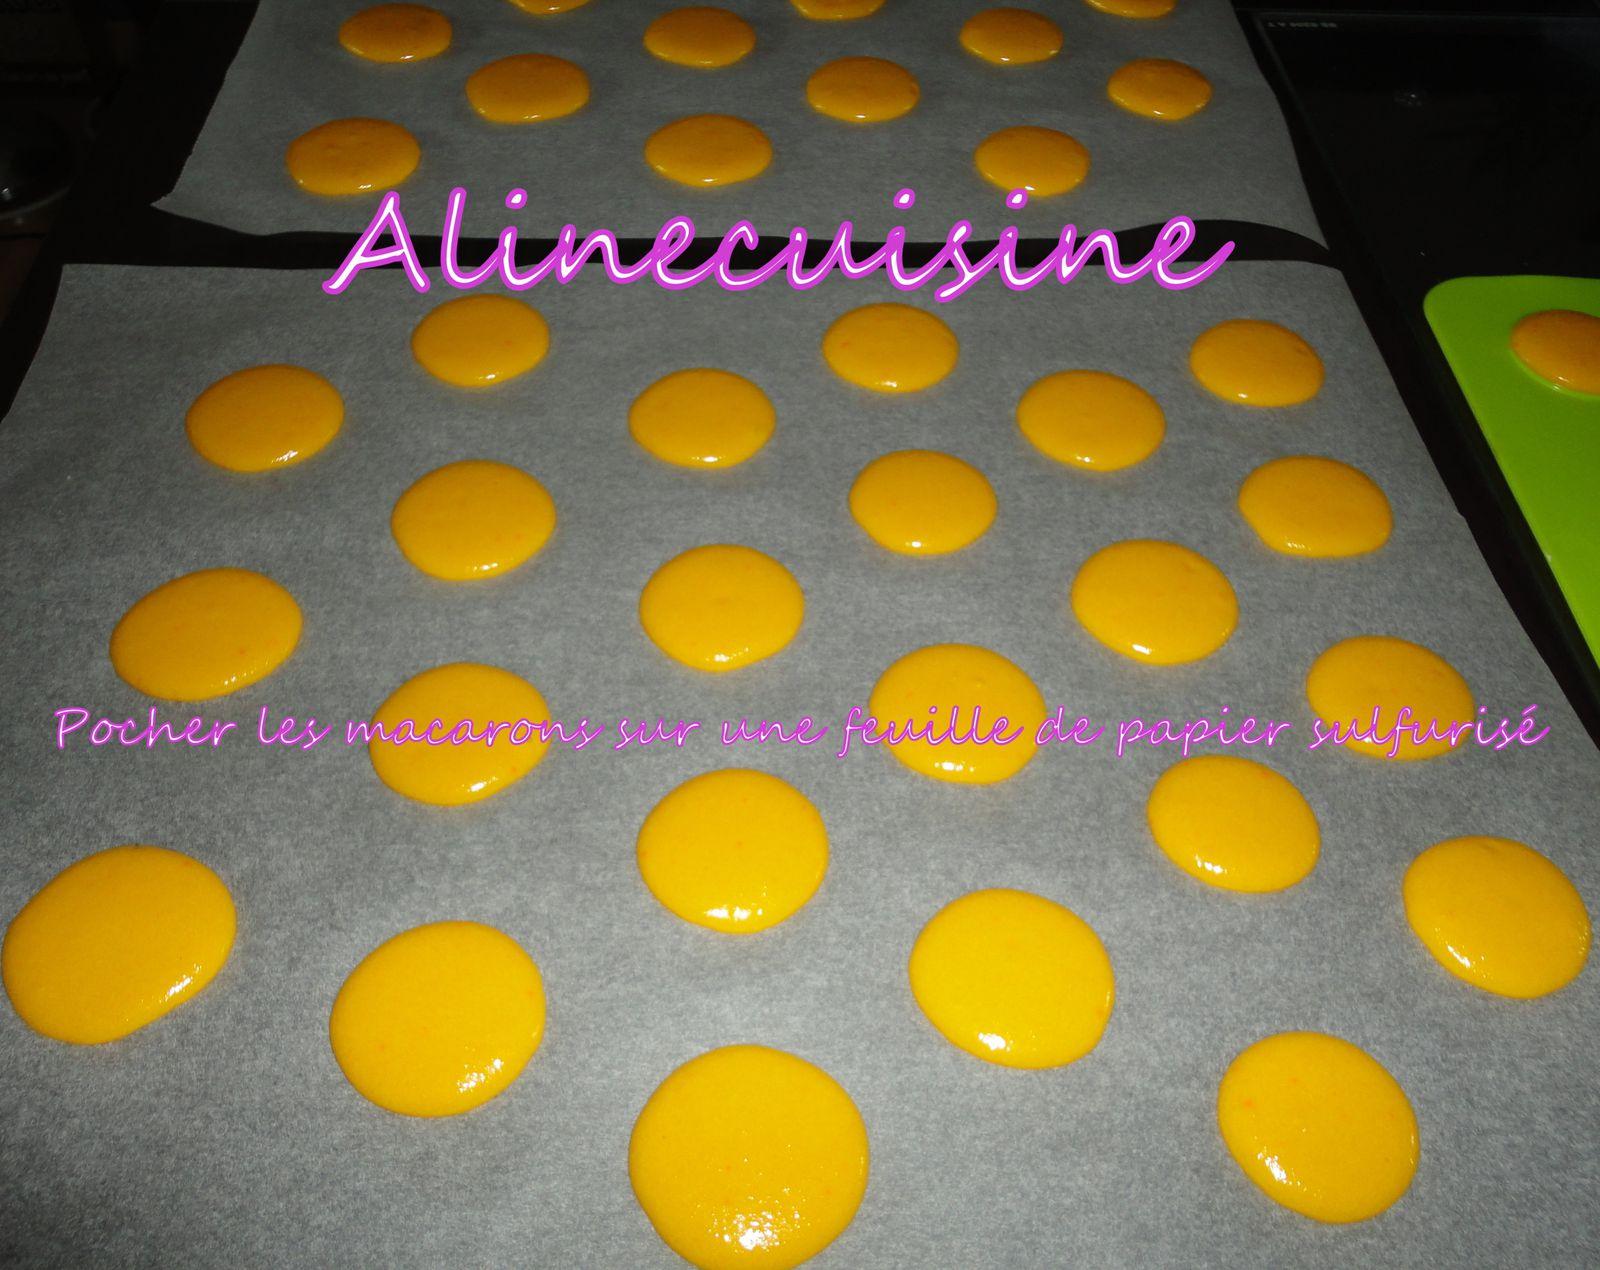 Recette de Macarons en photos